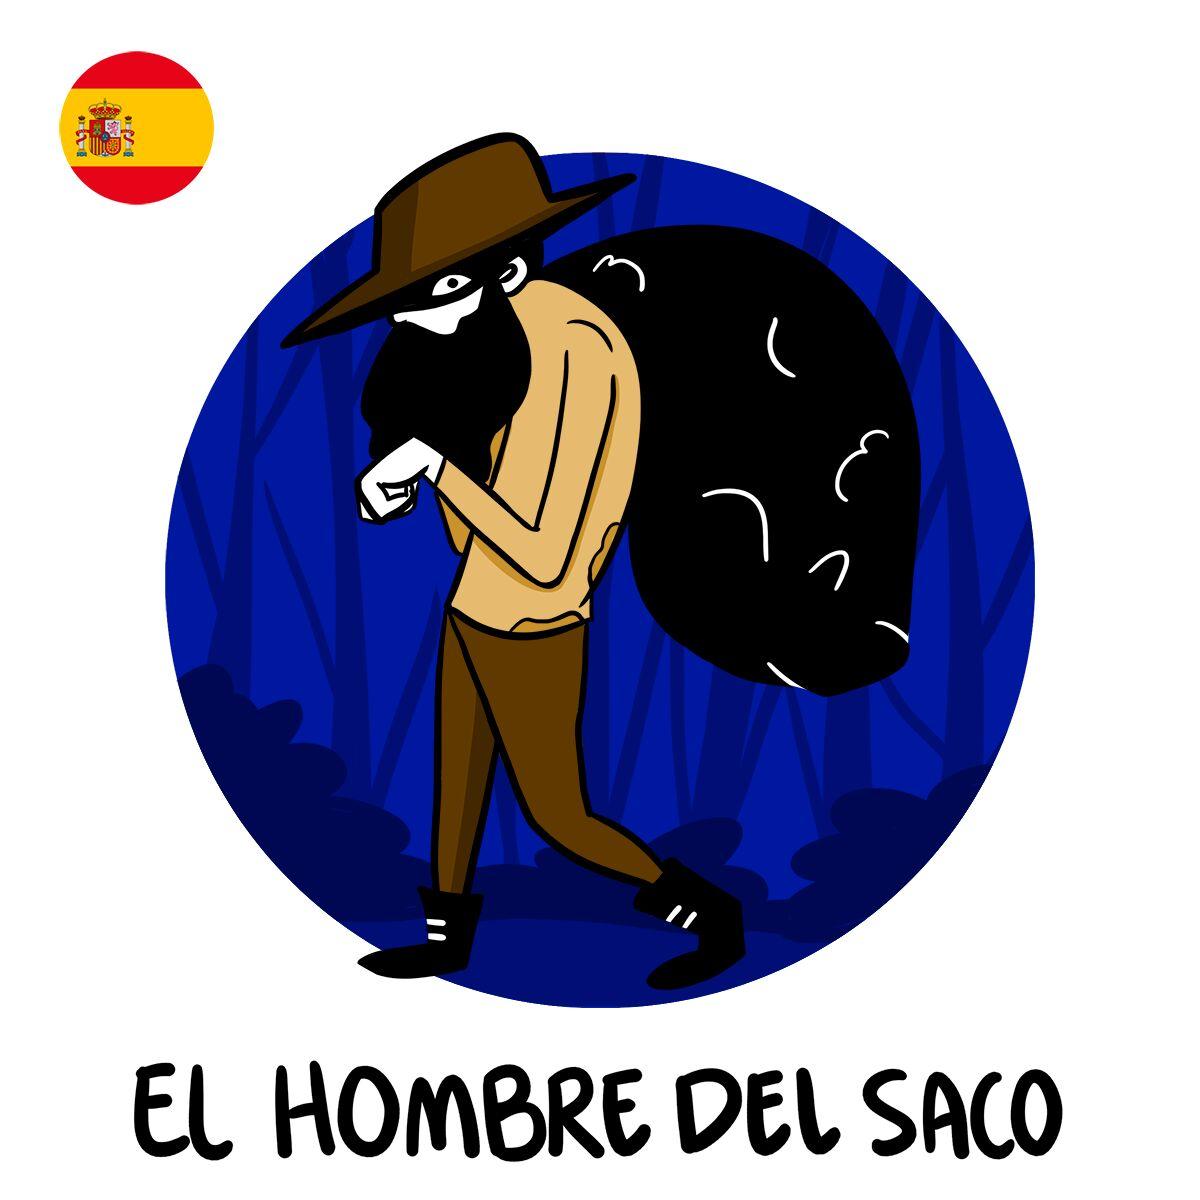 El hombre del saco, ou l'homme au sac, est un des monstres les plus connus des enfants espagnols